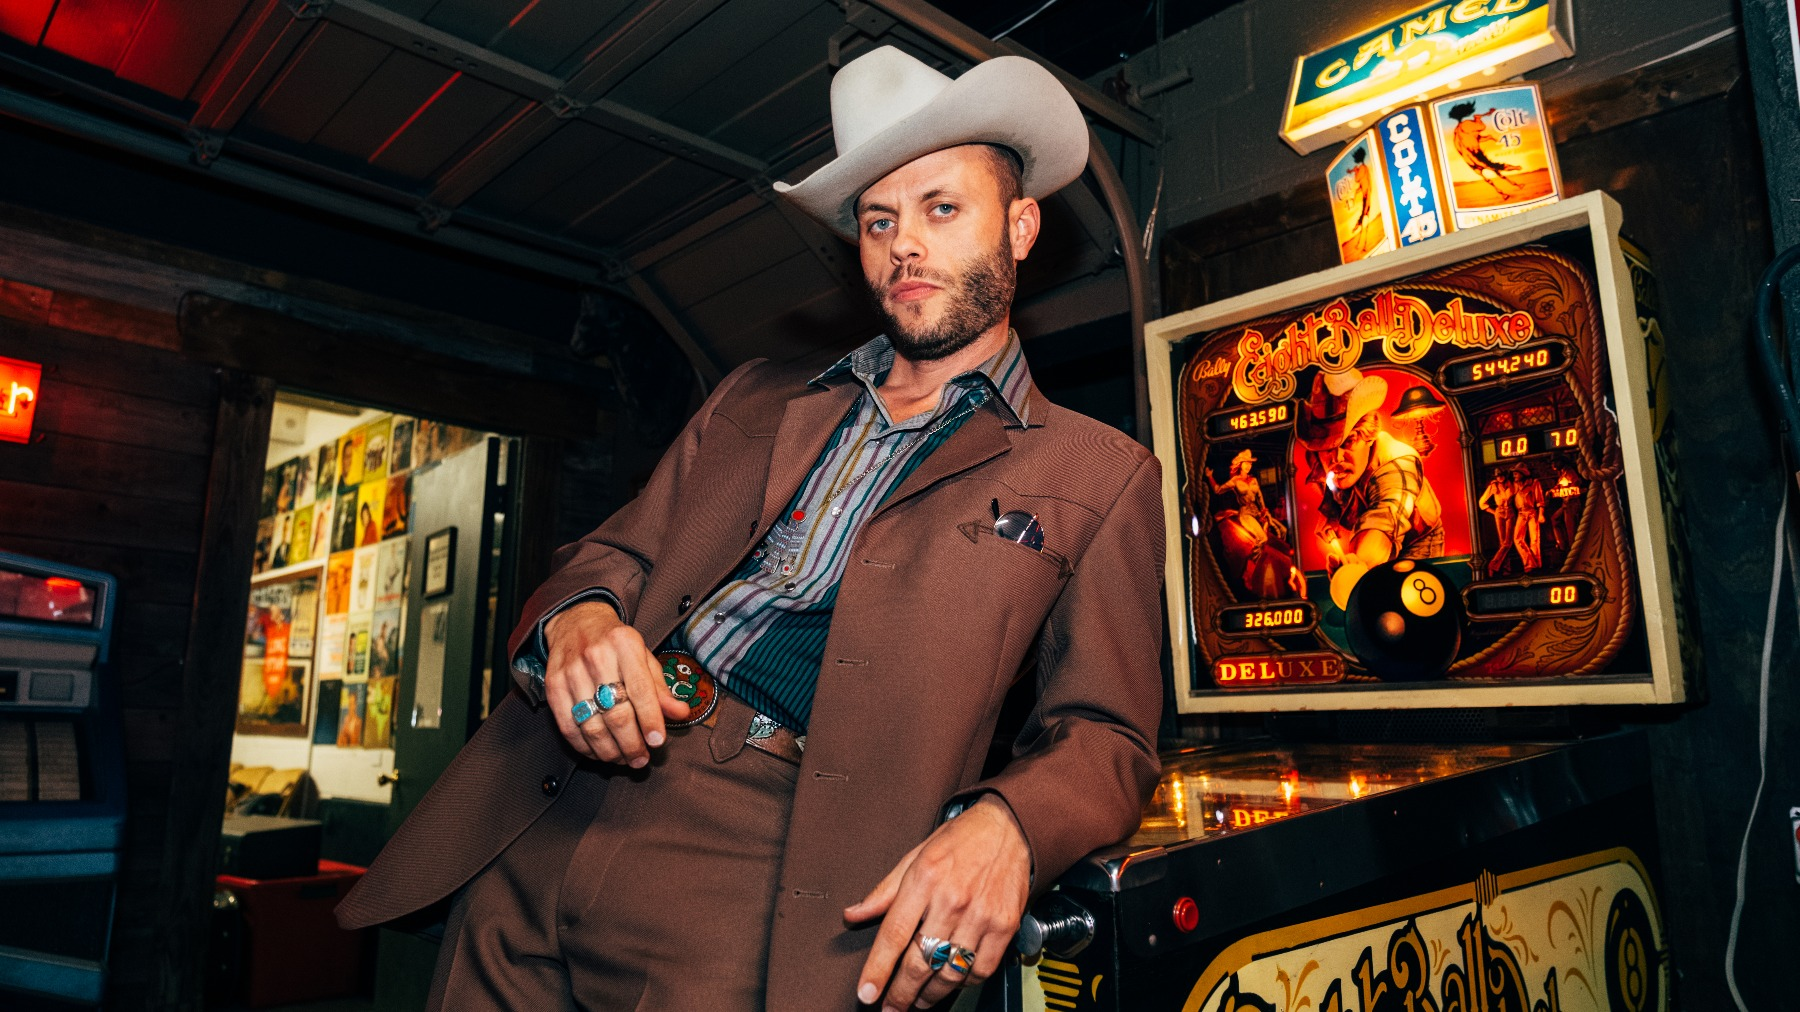 Charley Crockett at The Old Saloon!